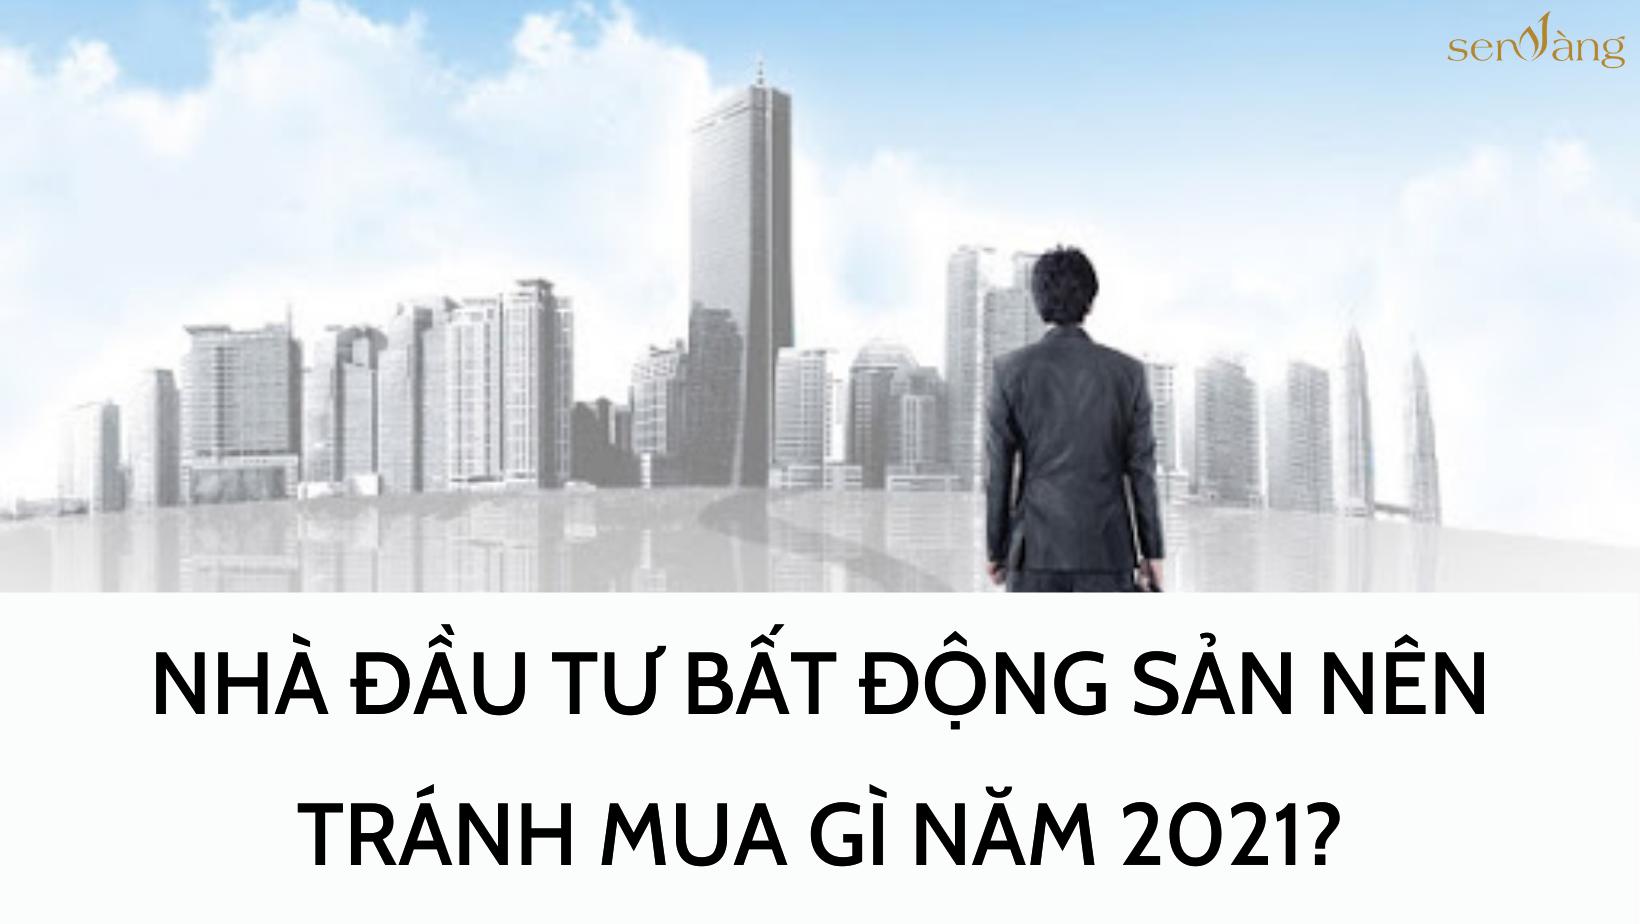 NHÀ ĐẦU TƯ BẤT ĐỘNG SẢN NÊN TRÁNH MUA GÌ NĂM 2021?